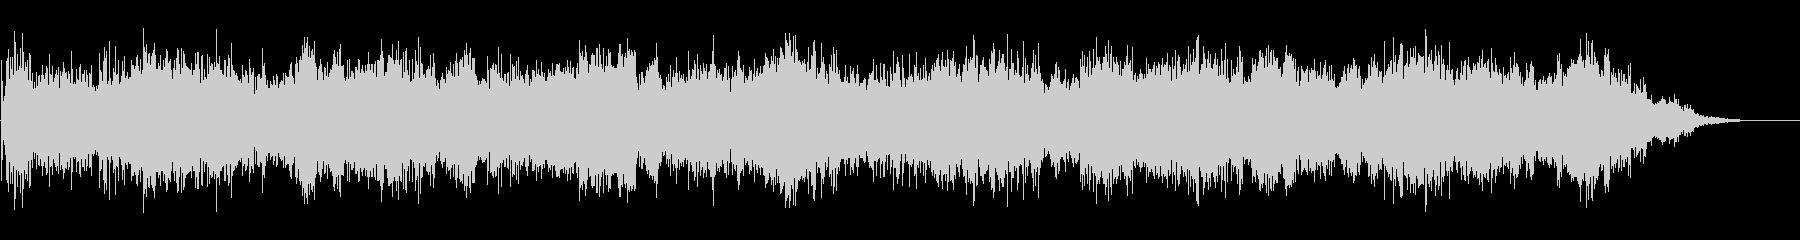 ノイジーで不気味な背景音(ホラーなどに)の未再生の波形